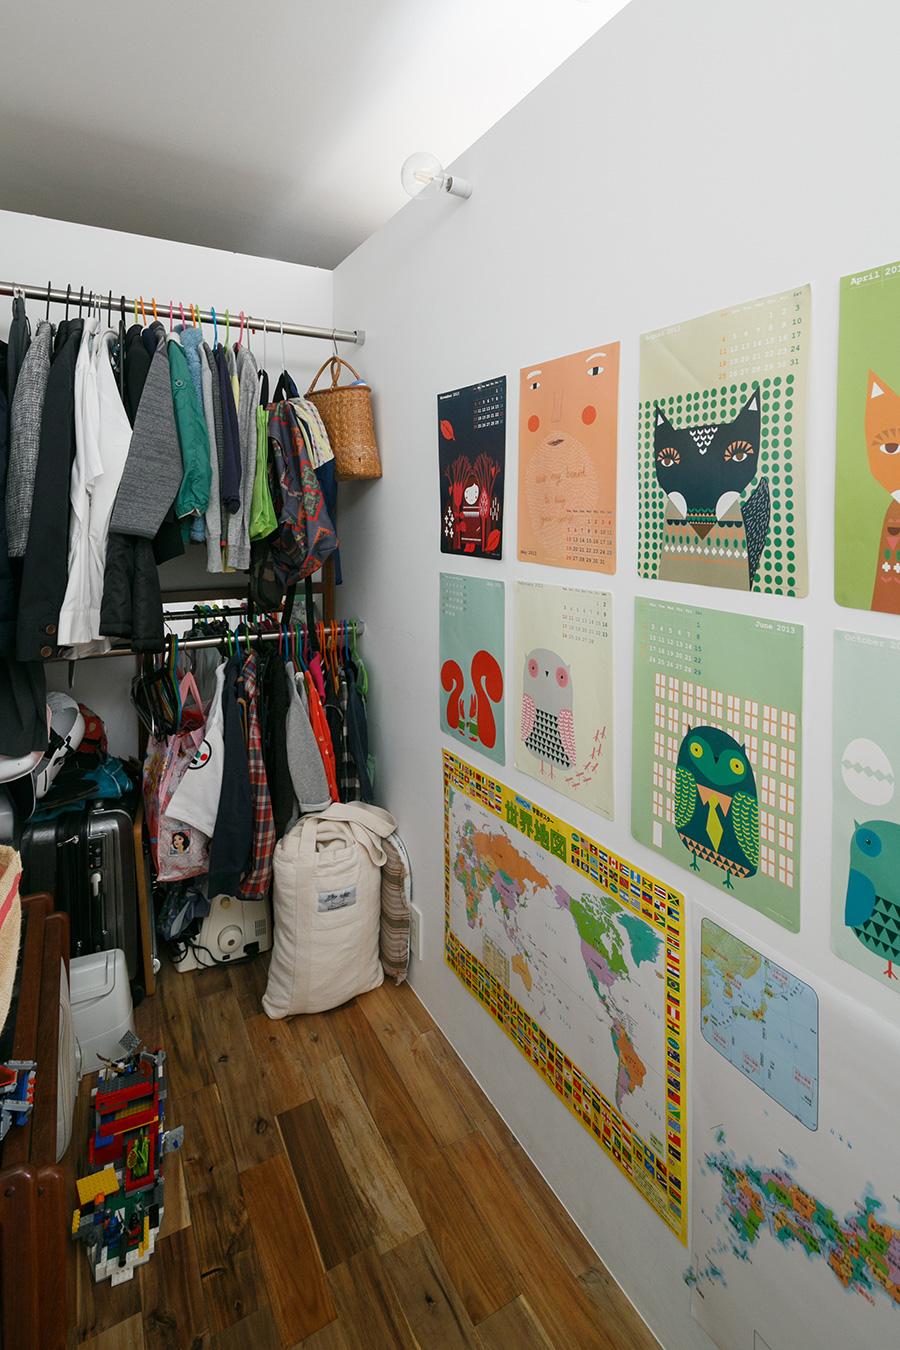 子ども用スペースの奥側。現在は主に子どもたちの衣類の収納スペースとして使っている。いずれ1人が1部屋を使うことも可能。